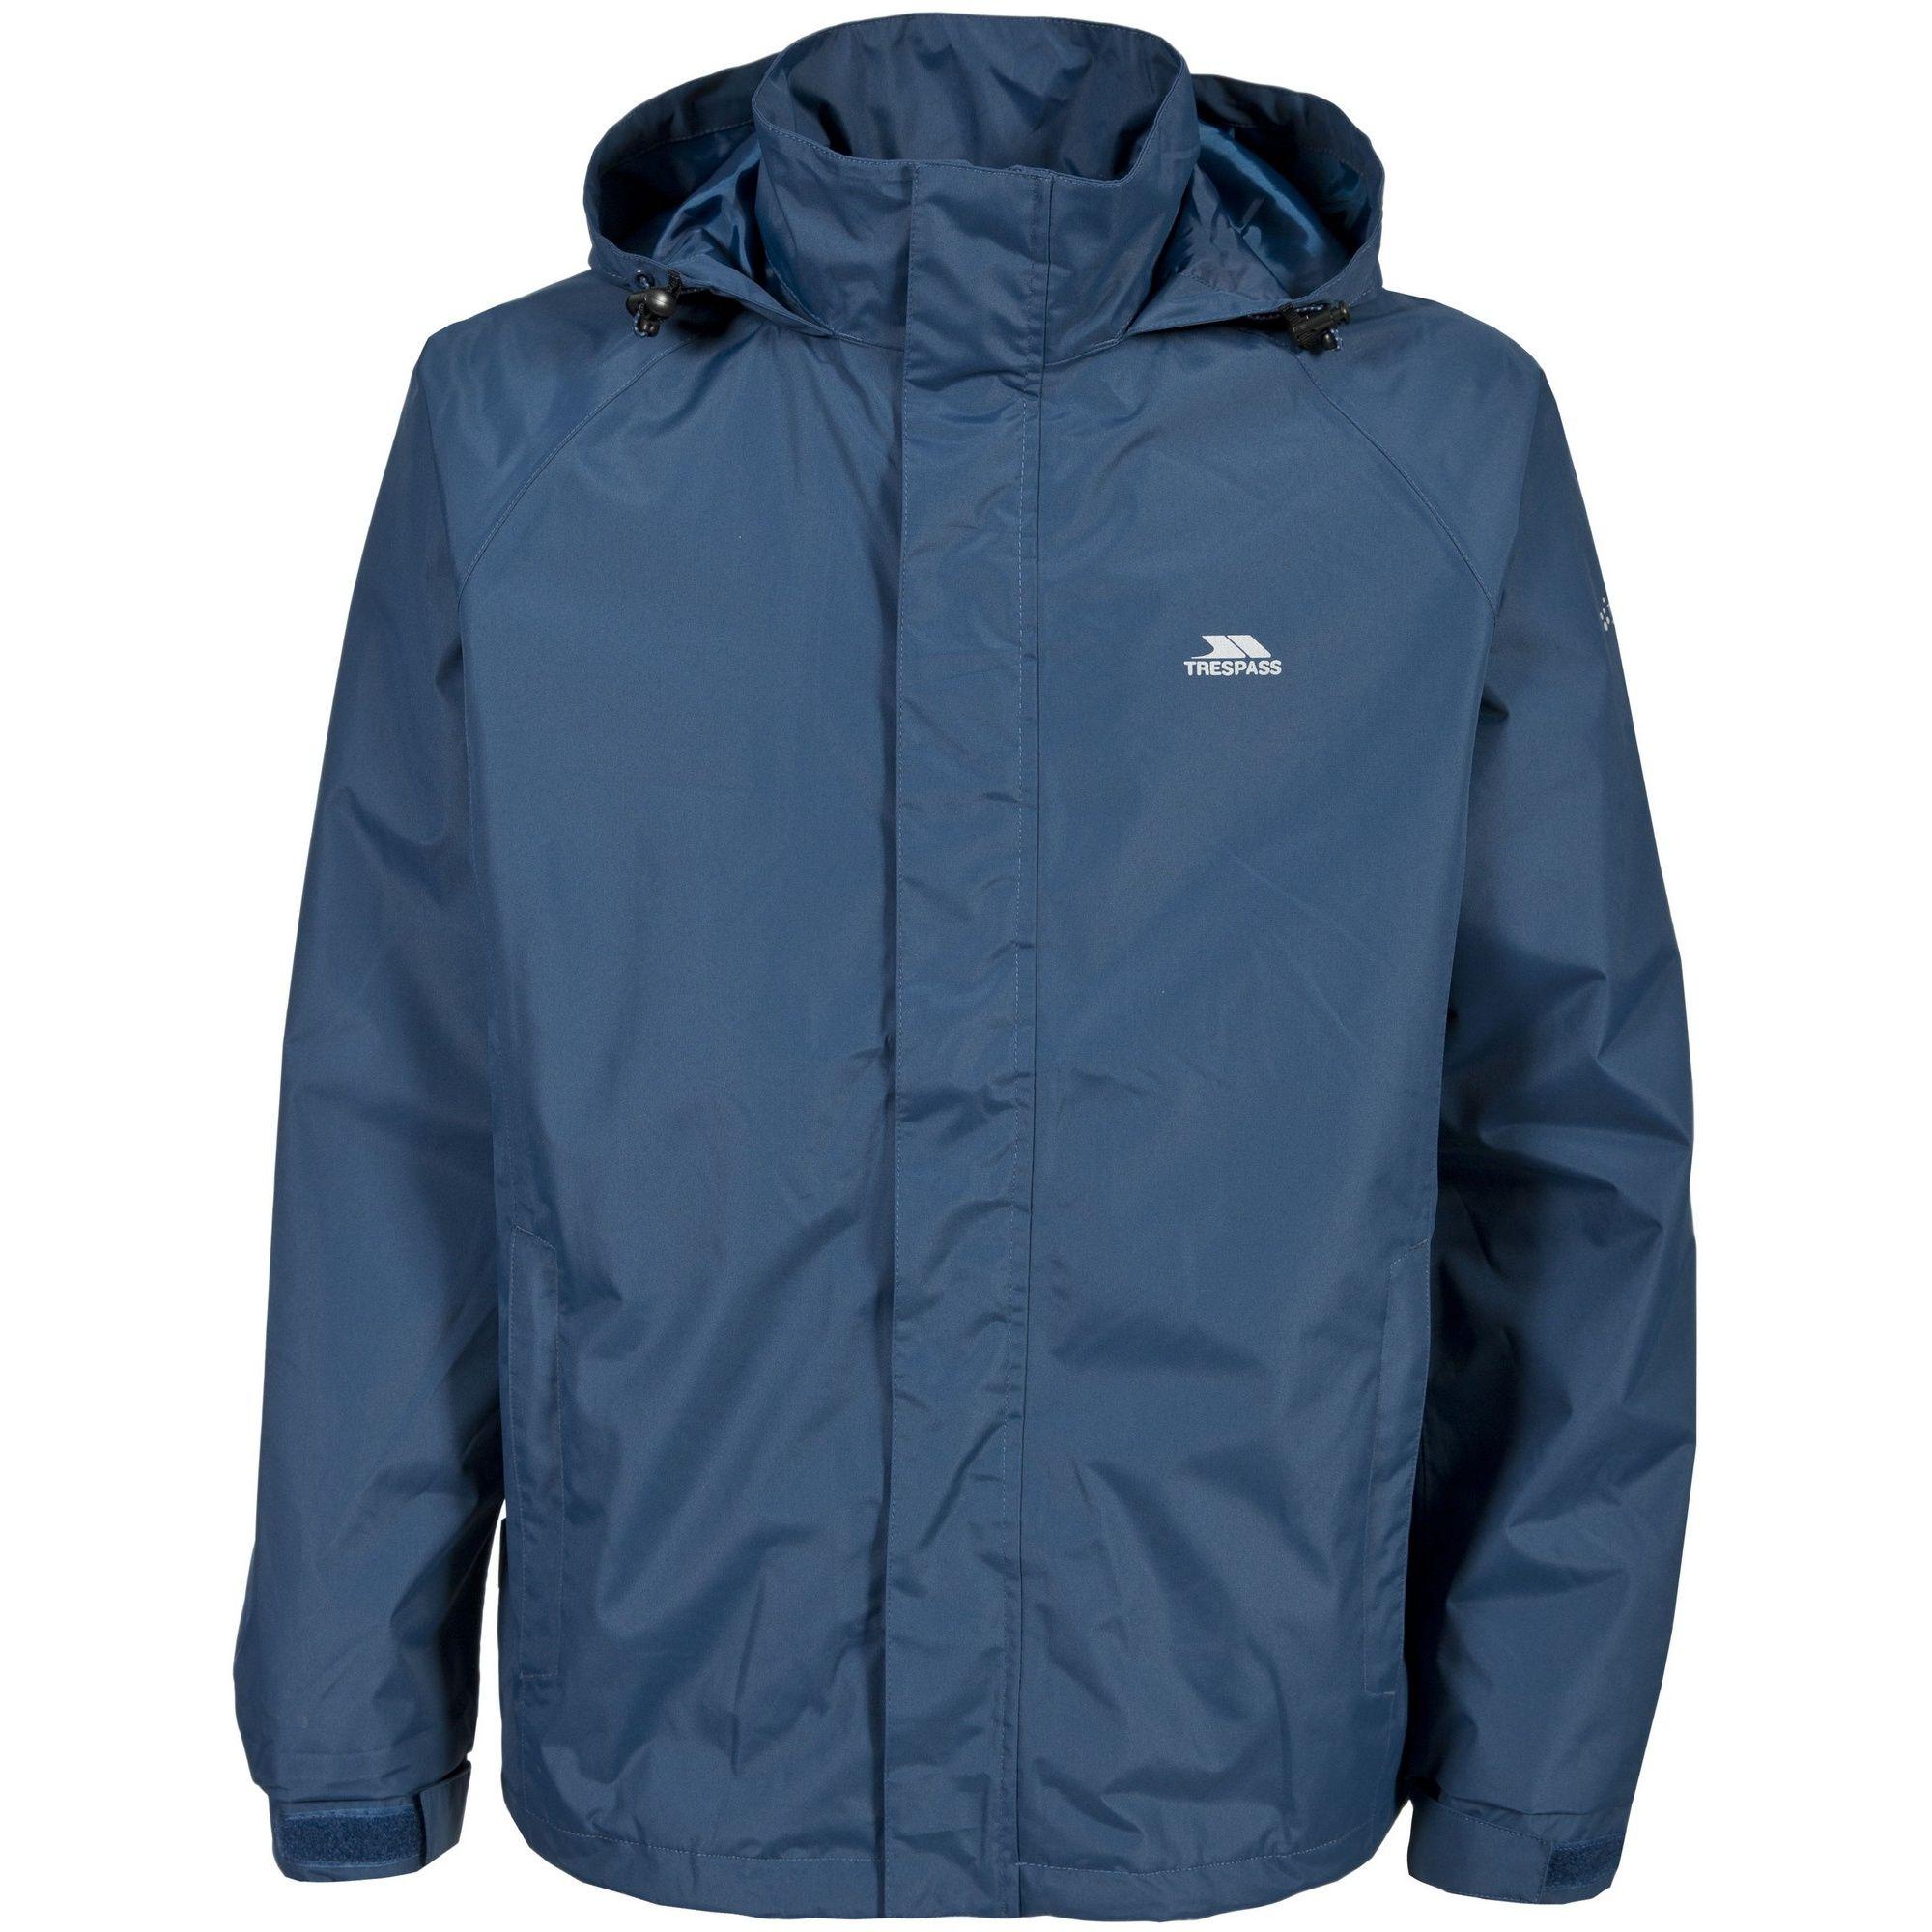 Trespass Mens Nabro II Waterproof Jacket